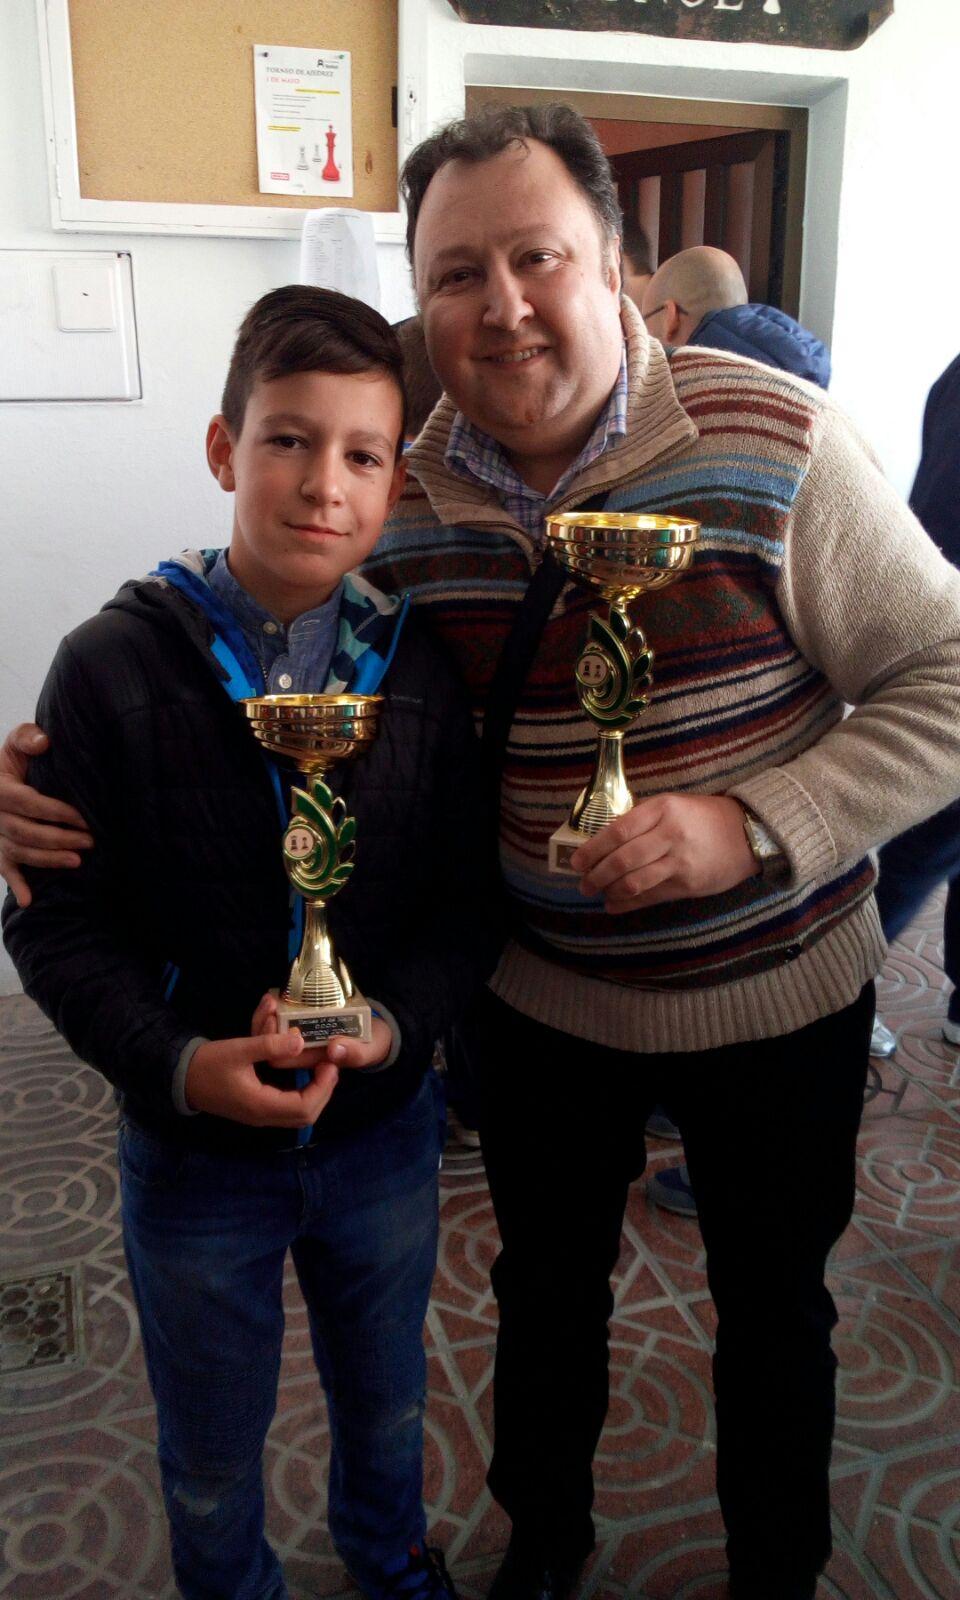 Dos de los vencedores del torneo de ajedrez del Primero de Mayo realizado en Buñol.